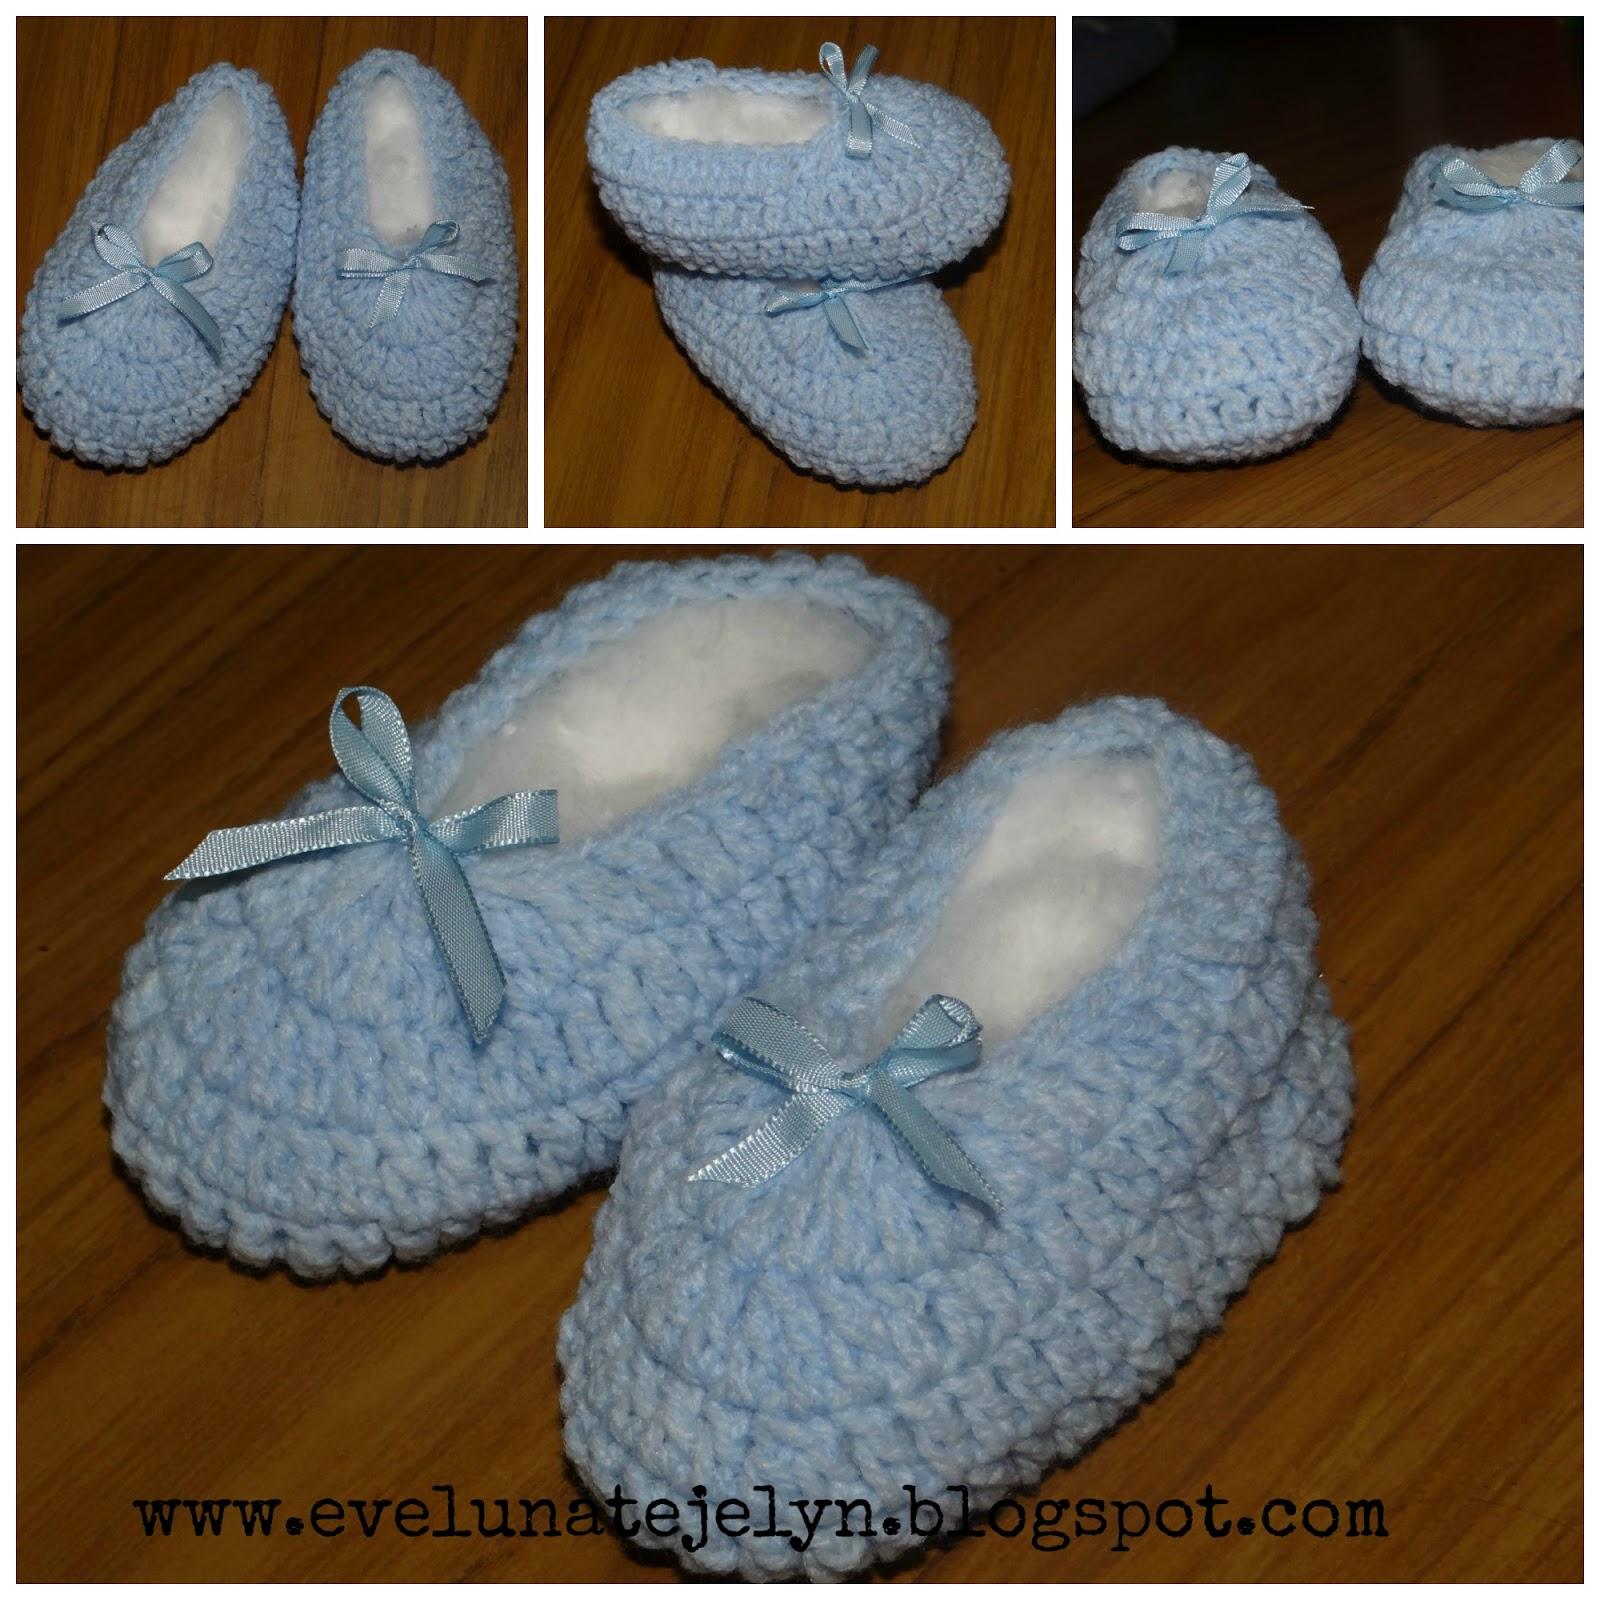 tejequeteteje: Escarpines sencillos tejidos a crochet